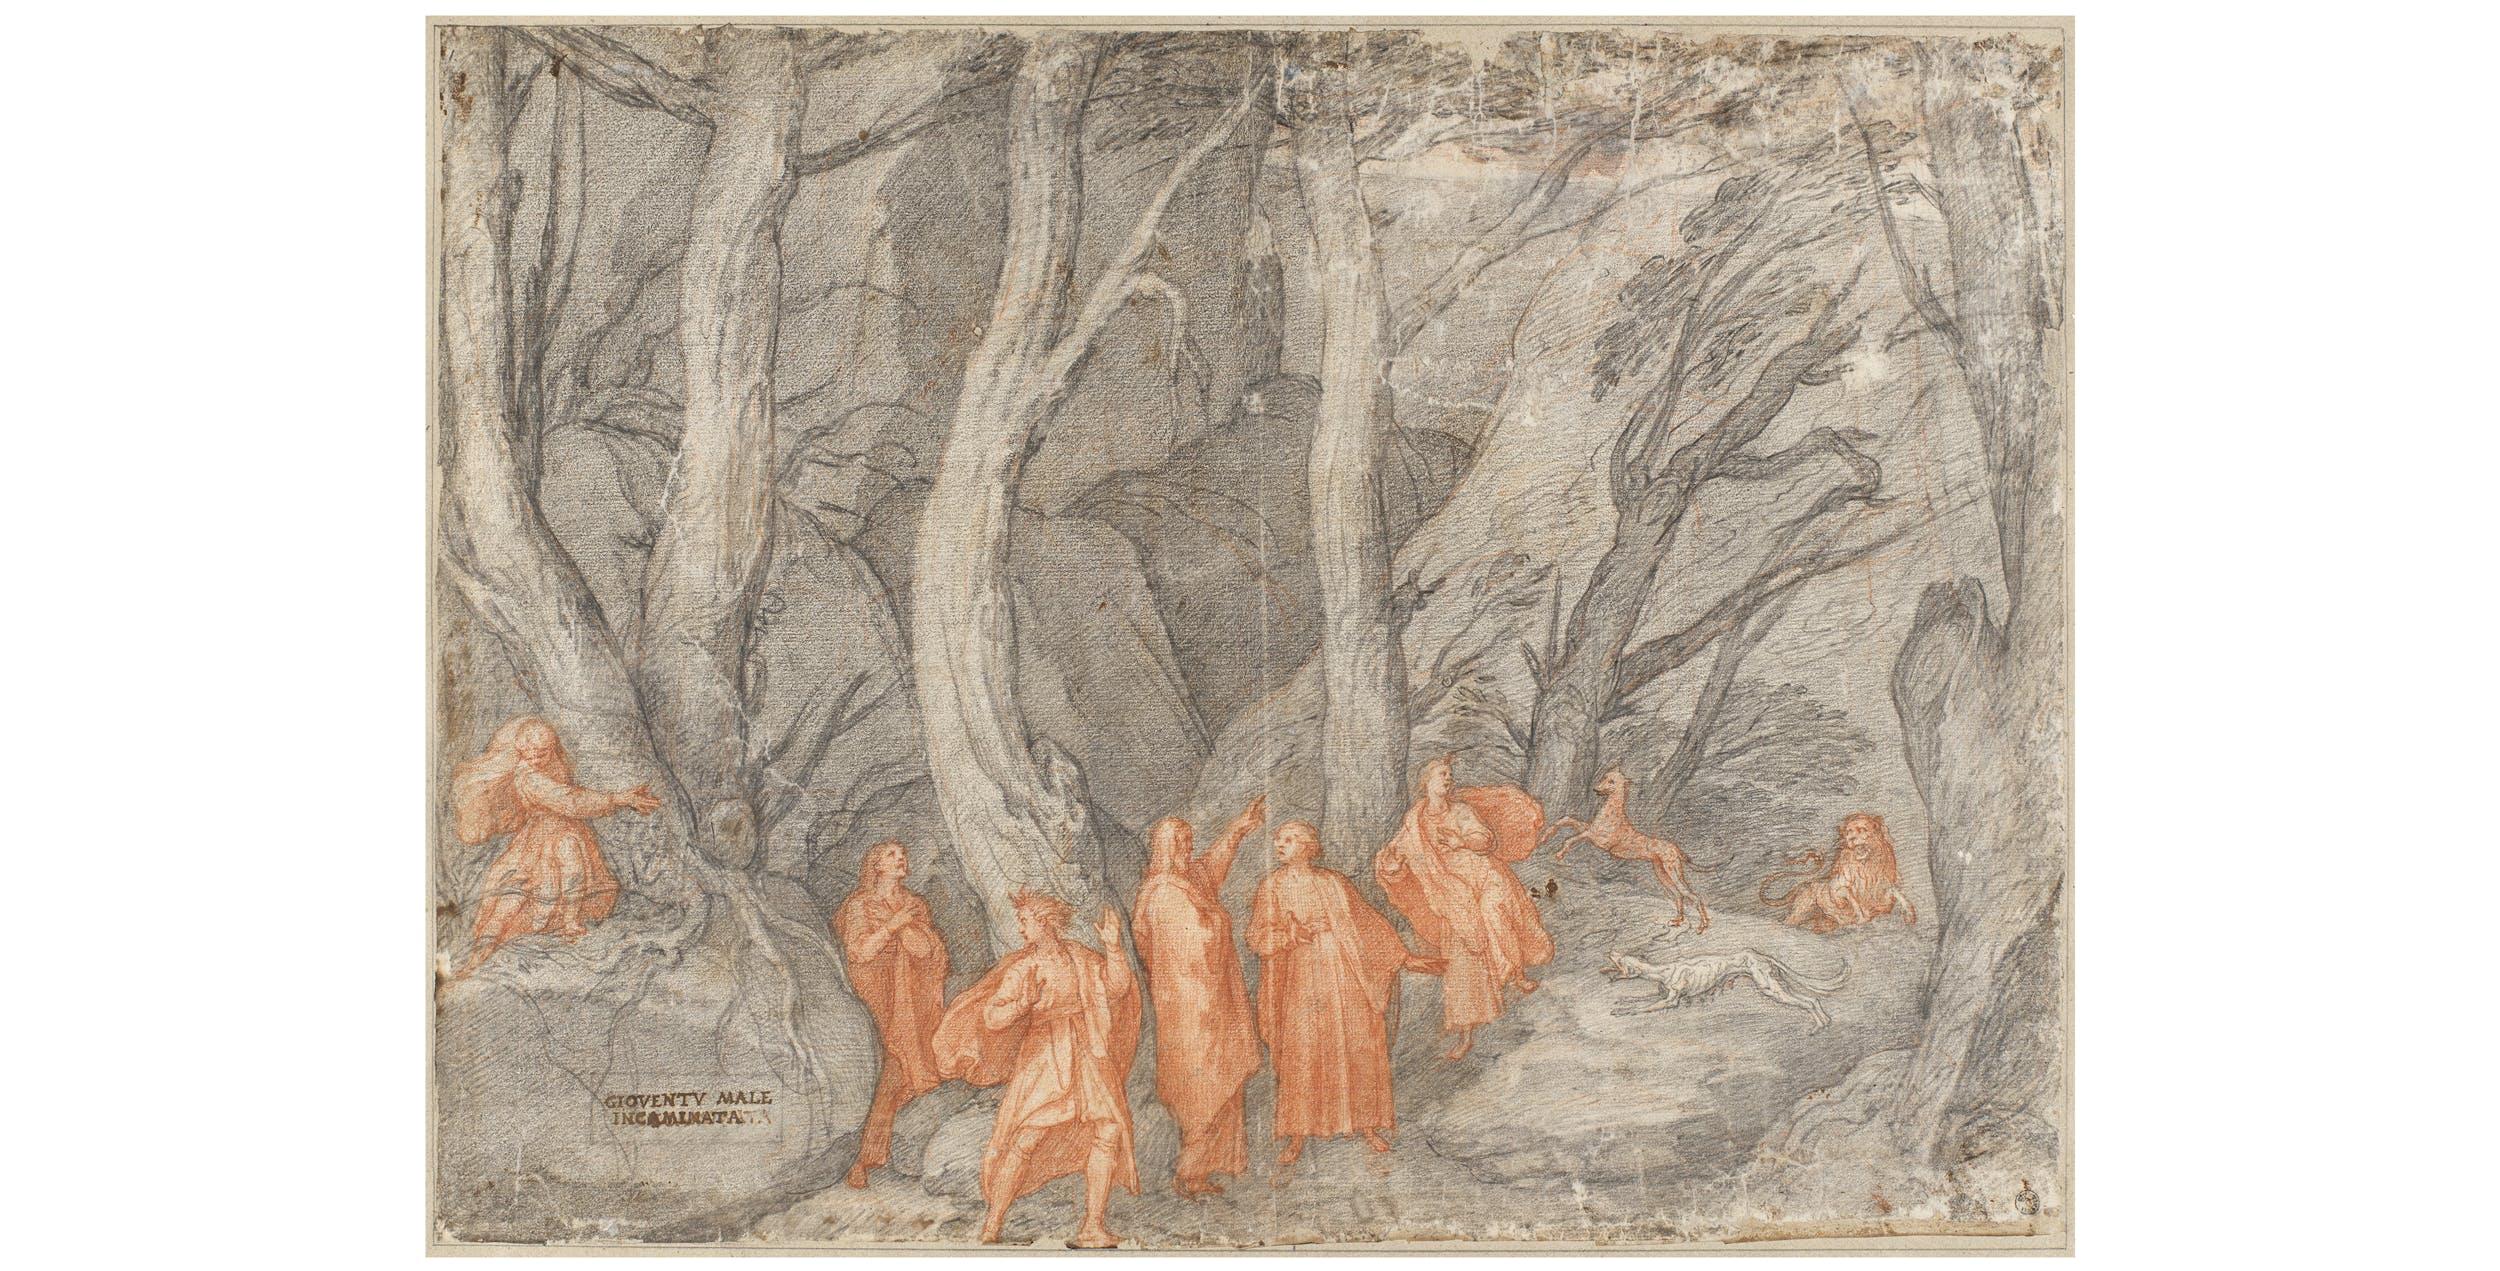 Federico Zuccari, La selva oscura, Gabinetto dei Disegni e delle Stampe degli Uffizi